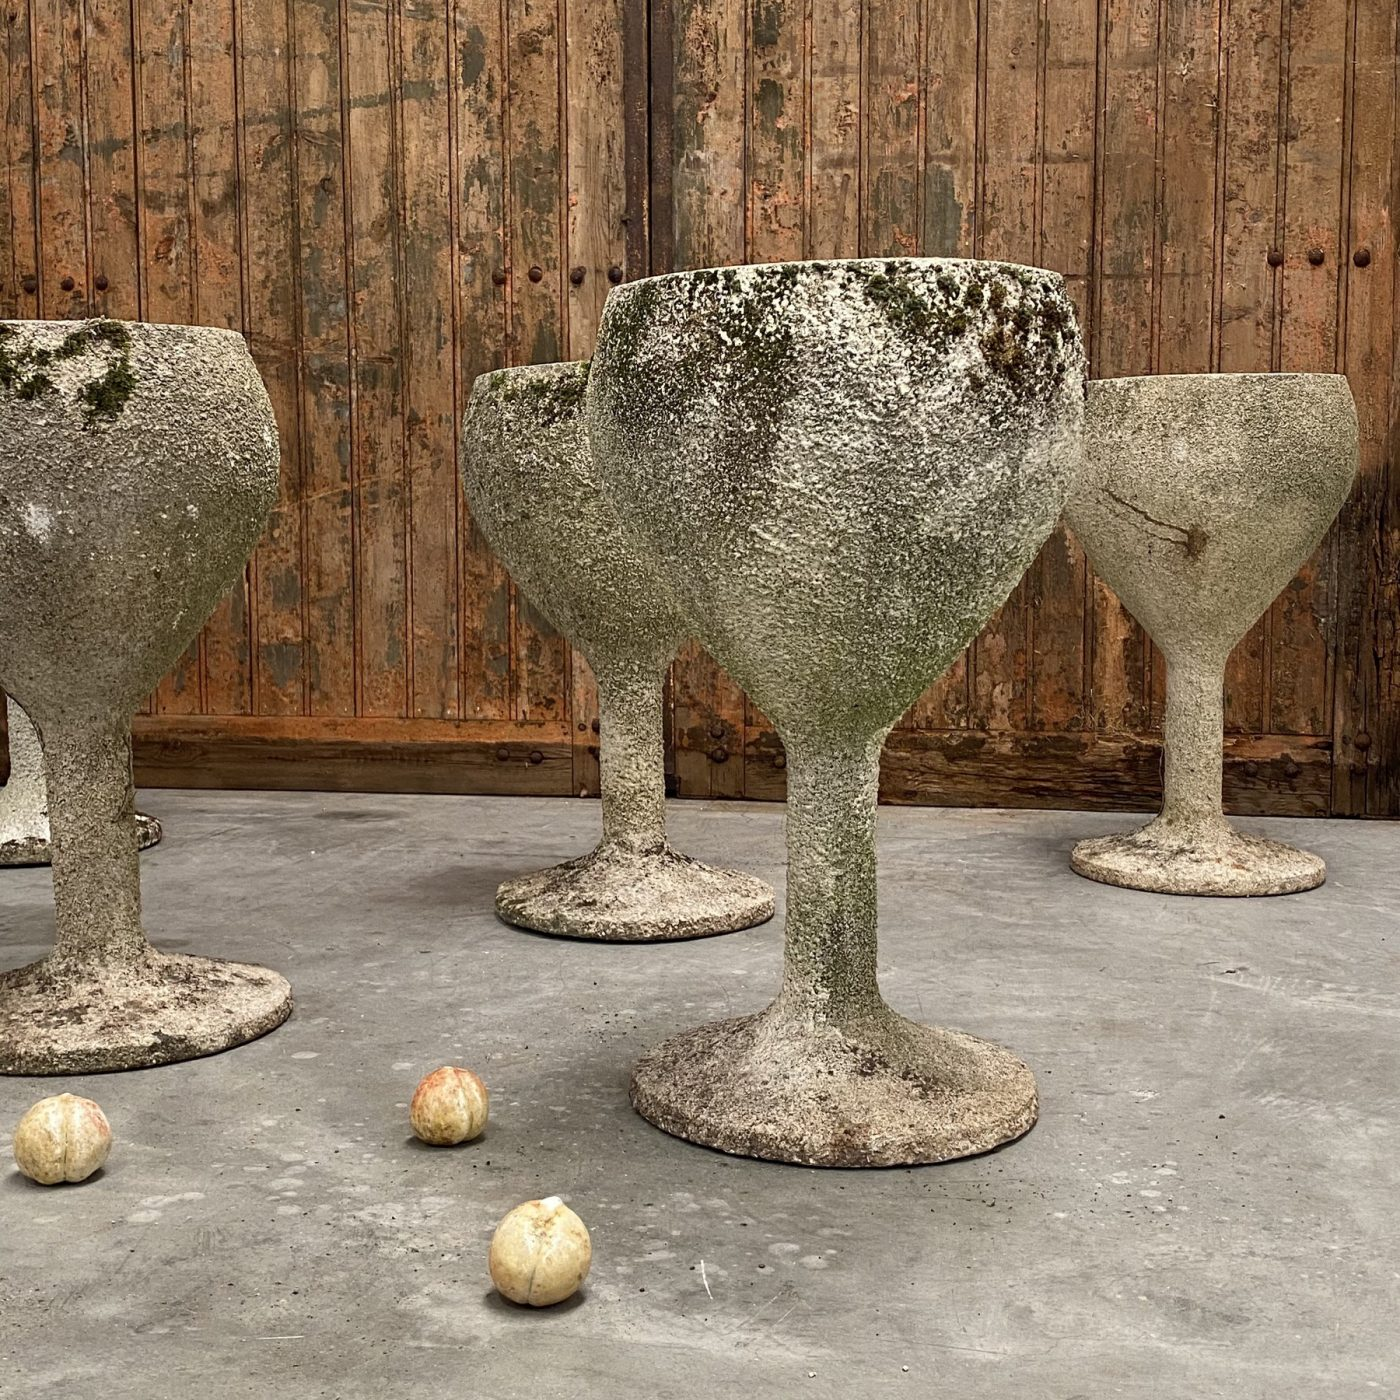 objet-vagabond-concrete-planters0004